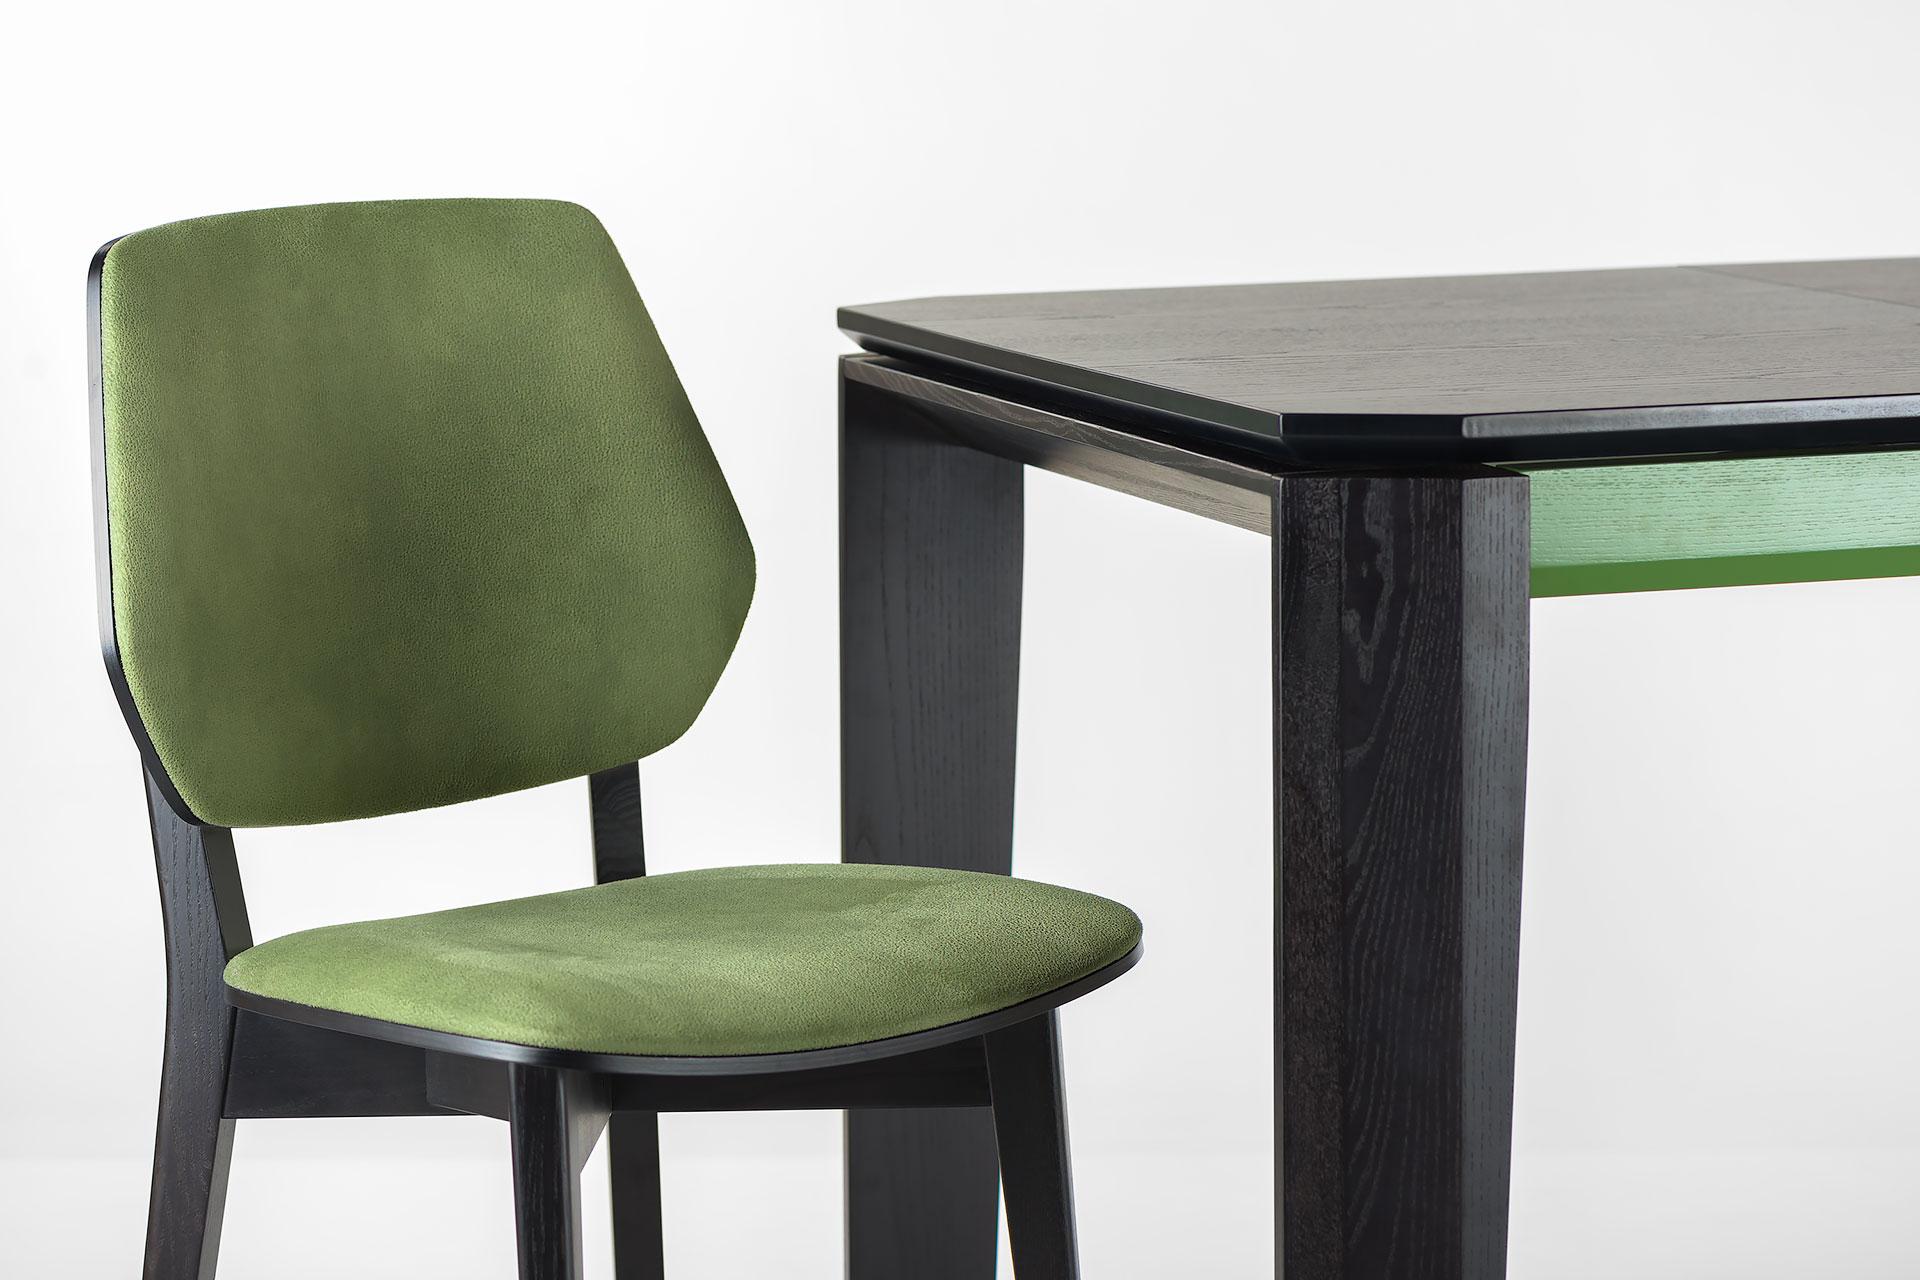 """Раскладной кухонный стол """"Варгас"""" черно-зеленый, шпонированная столешница, твердое дерево, цвет изделия SE7059 / Каркас RAL 6011+ стул 03В с мягкой спинкой и сиденьем"""